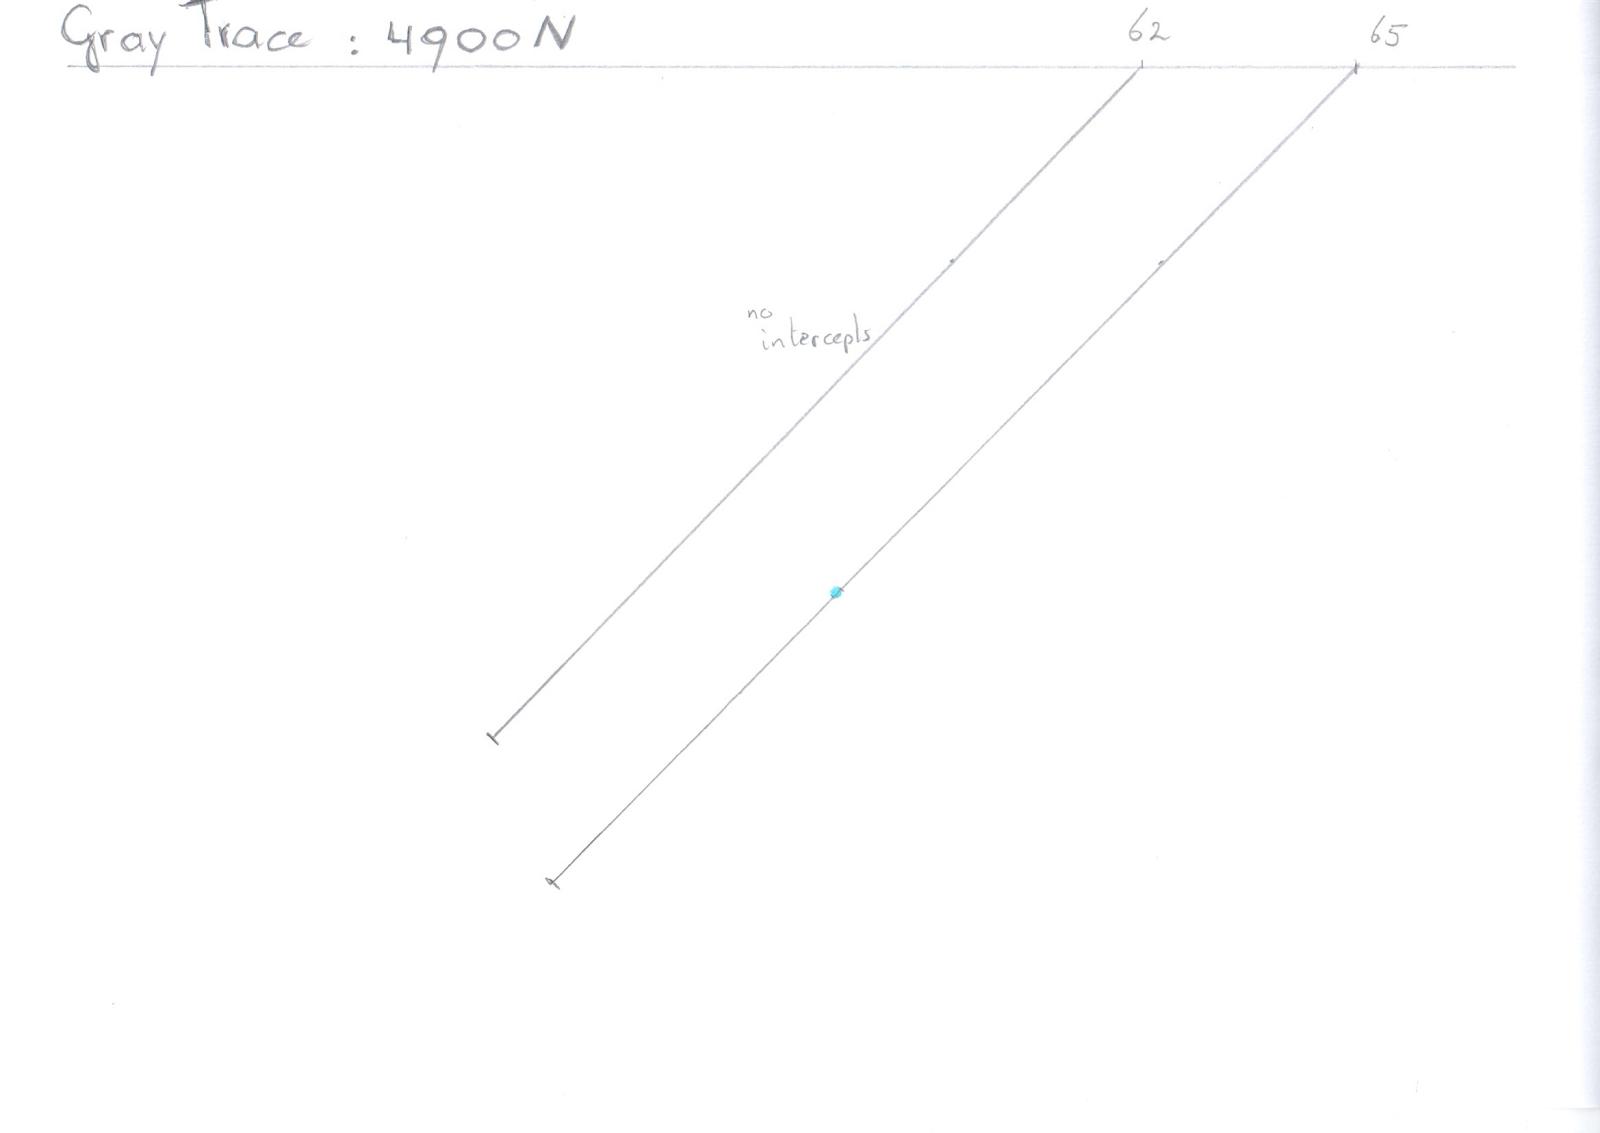 Figure 10: Keats Zone Cross Section 4900 N